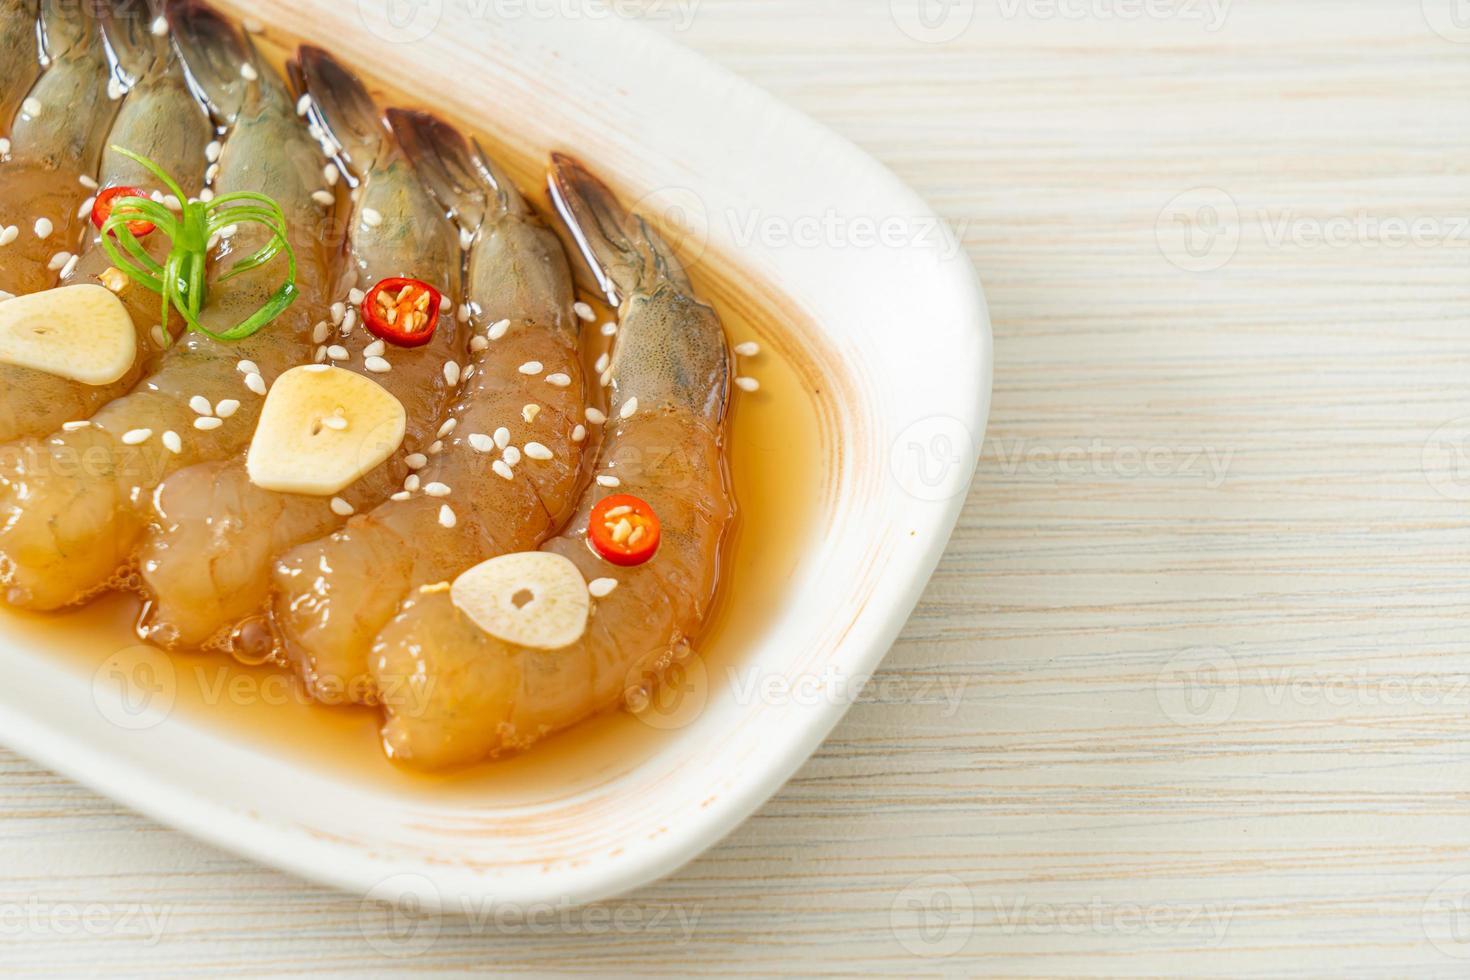 crevettes marinées à la coréenne ou crevettes marinées à la sauce soja coréenne photo